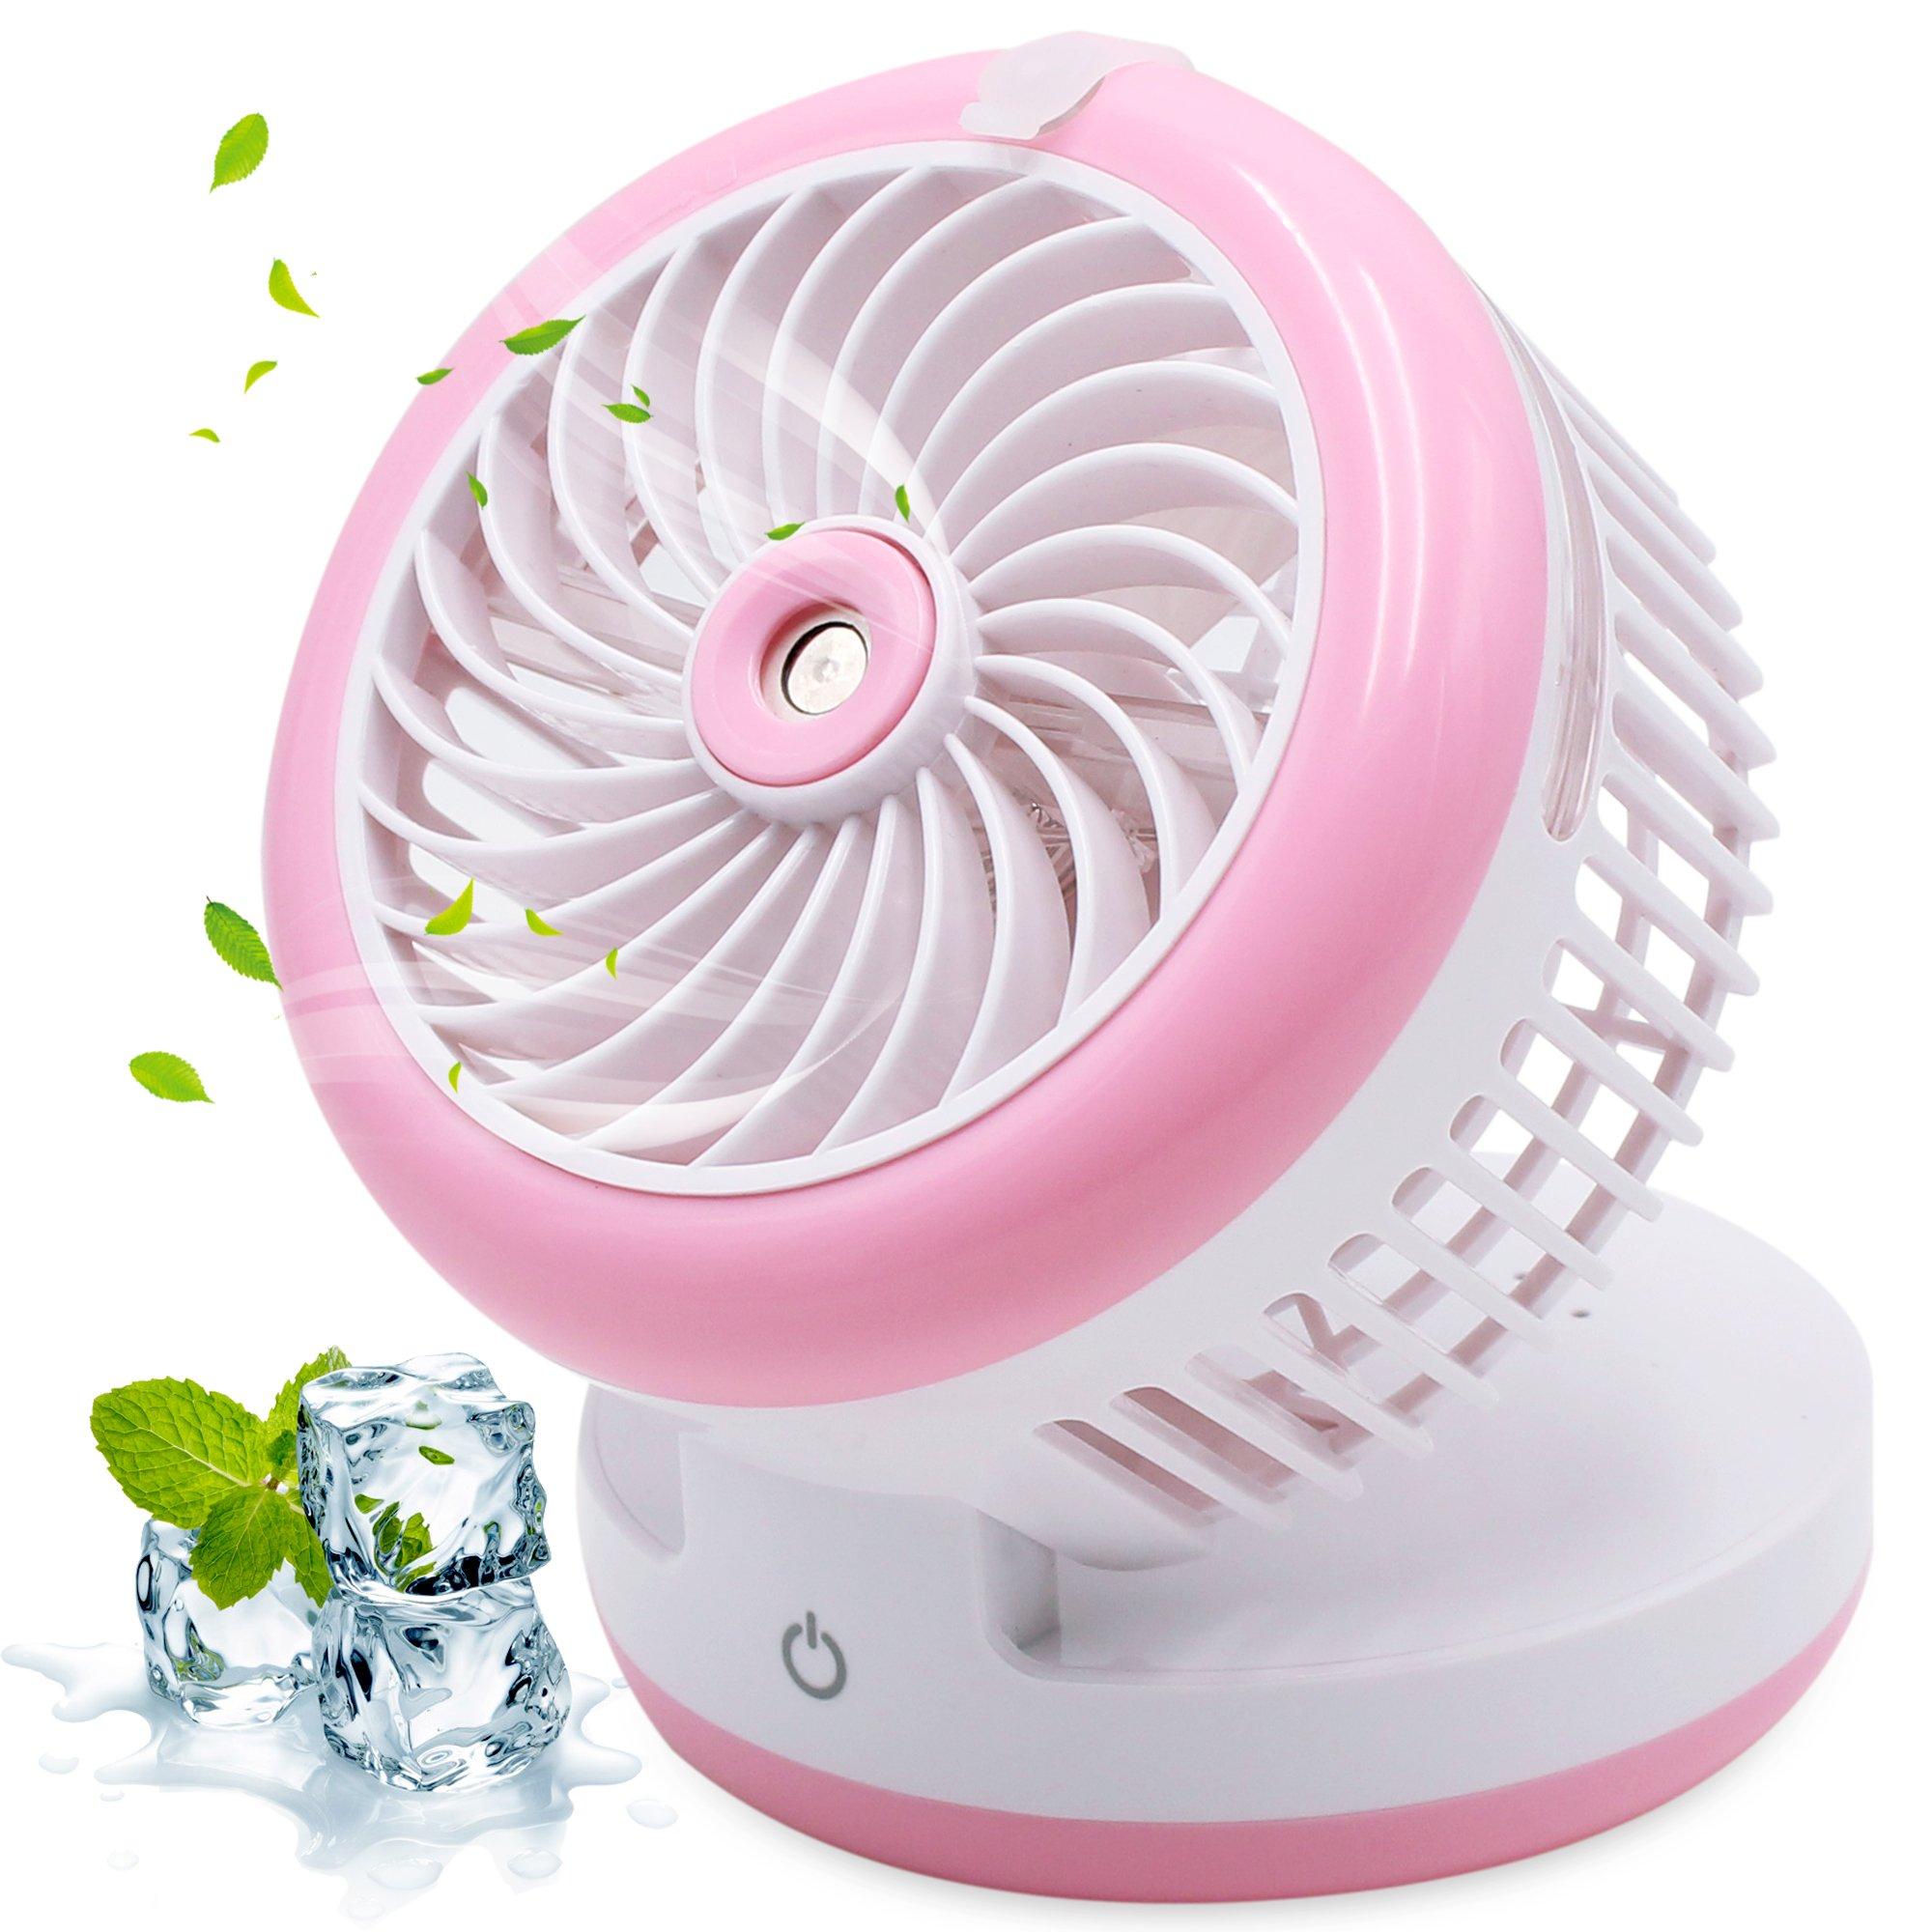 Portable Handheld Misting Fan Mini USB Fan Multifunction 3 in 1 Cooling Fan,Beauty Humidifier,Power Bank Water Spray Fan for Home, Office, Kitchen, Bedroom, Desktop, Traveling, Hiking, Biking (Pink)